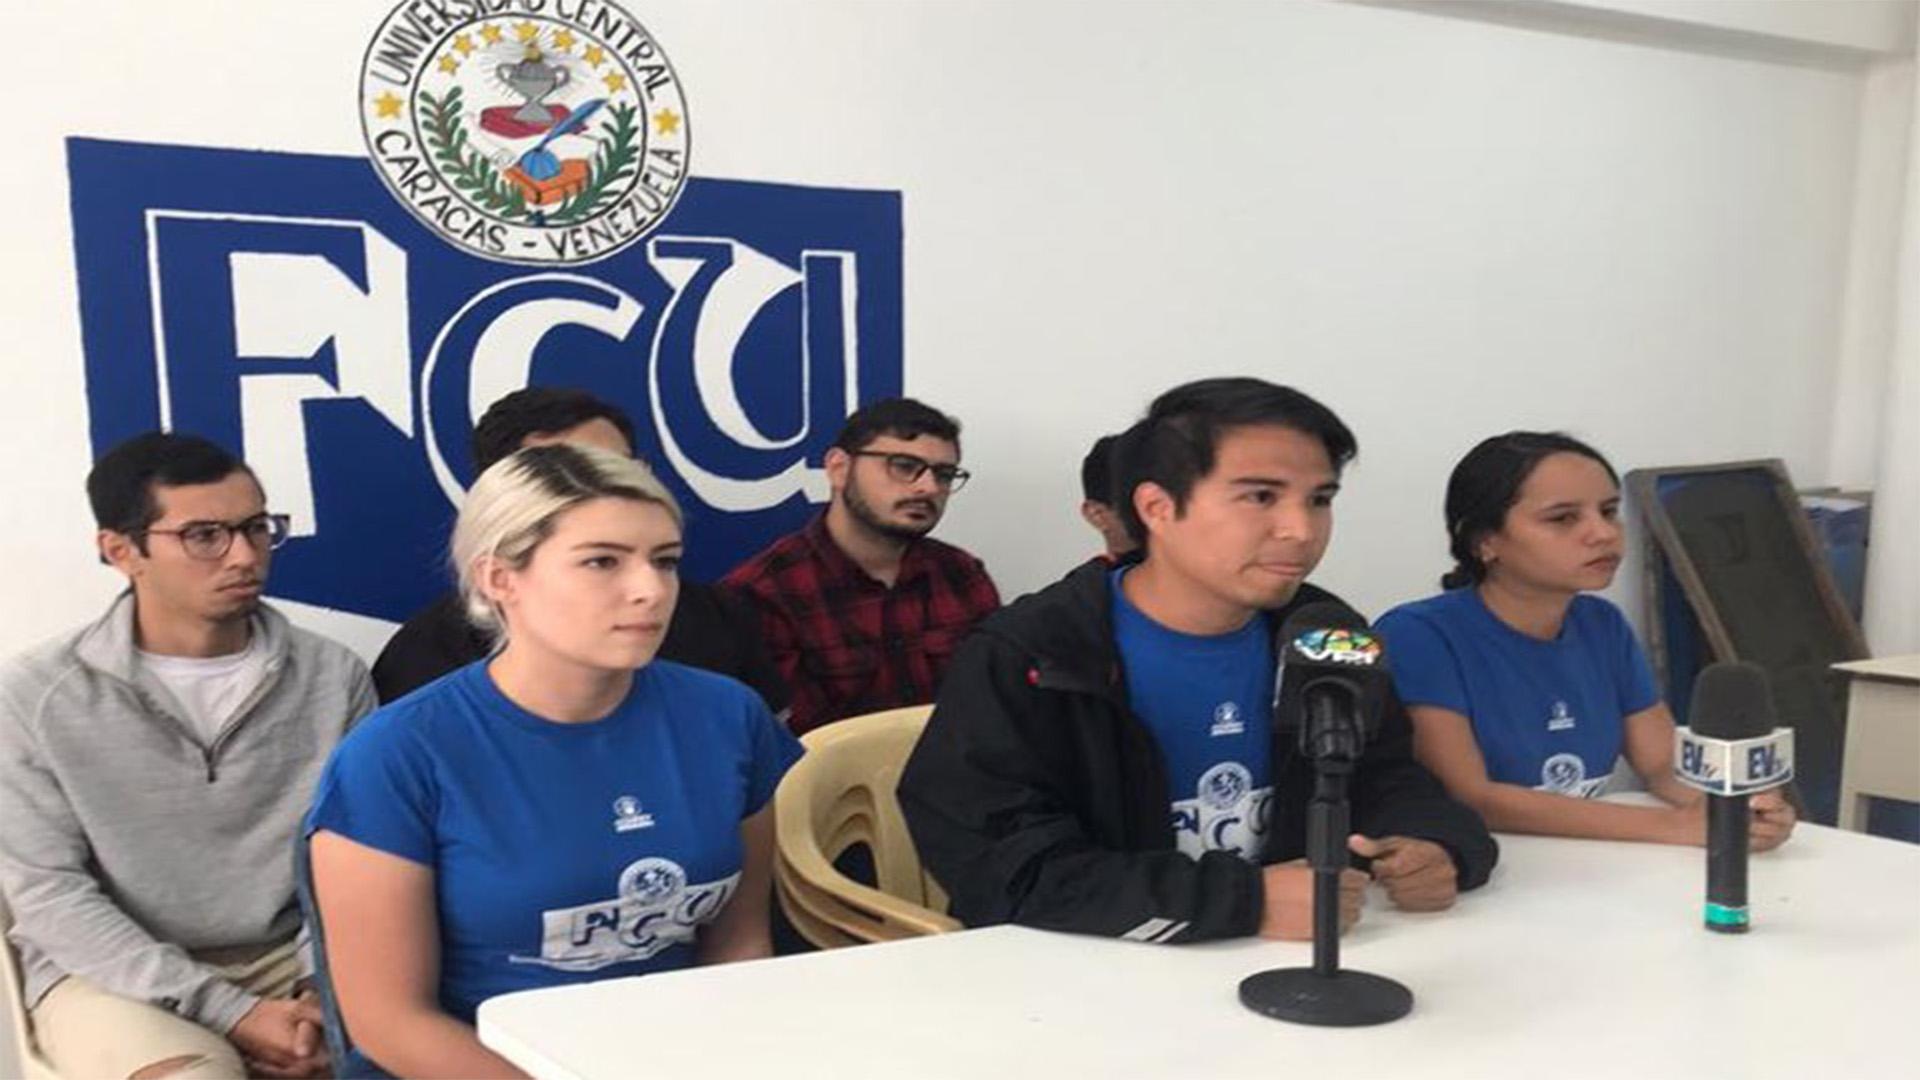 Estudiantes seguirán protestando: Las amenazas continúan para la universidad